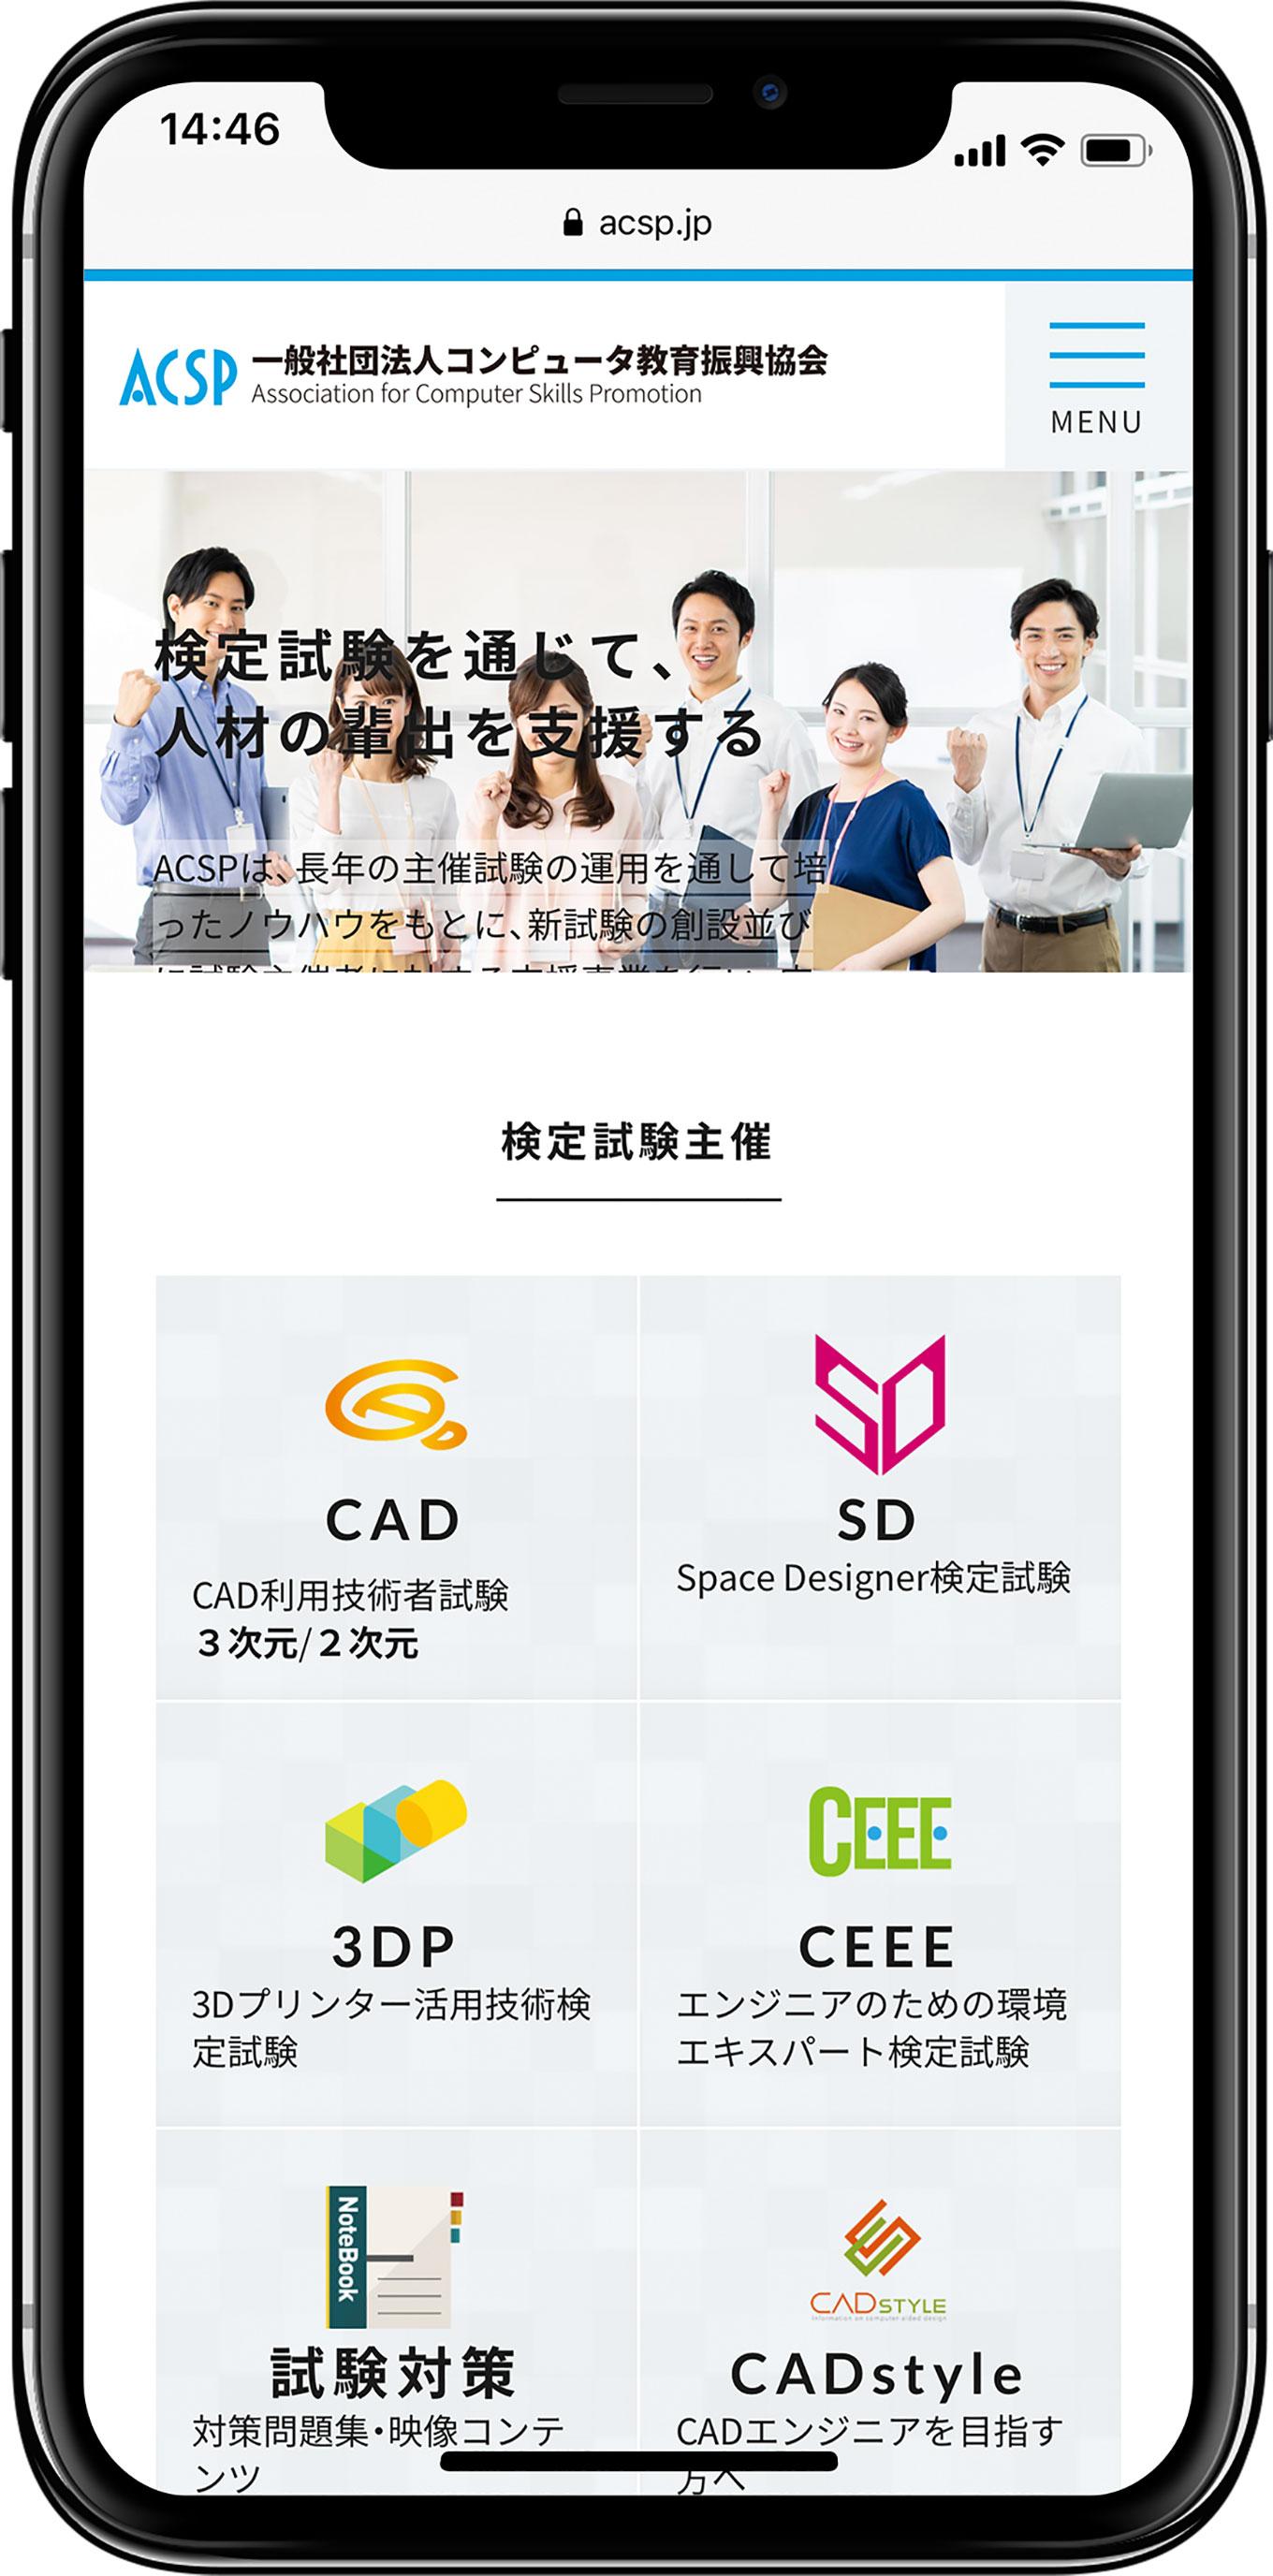 ACSP(一般社団法人コンピュータ教育振興協会)様のウェブサイトのリニューアルをしましたスマートフォンの見た目